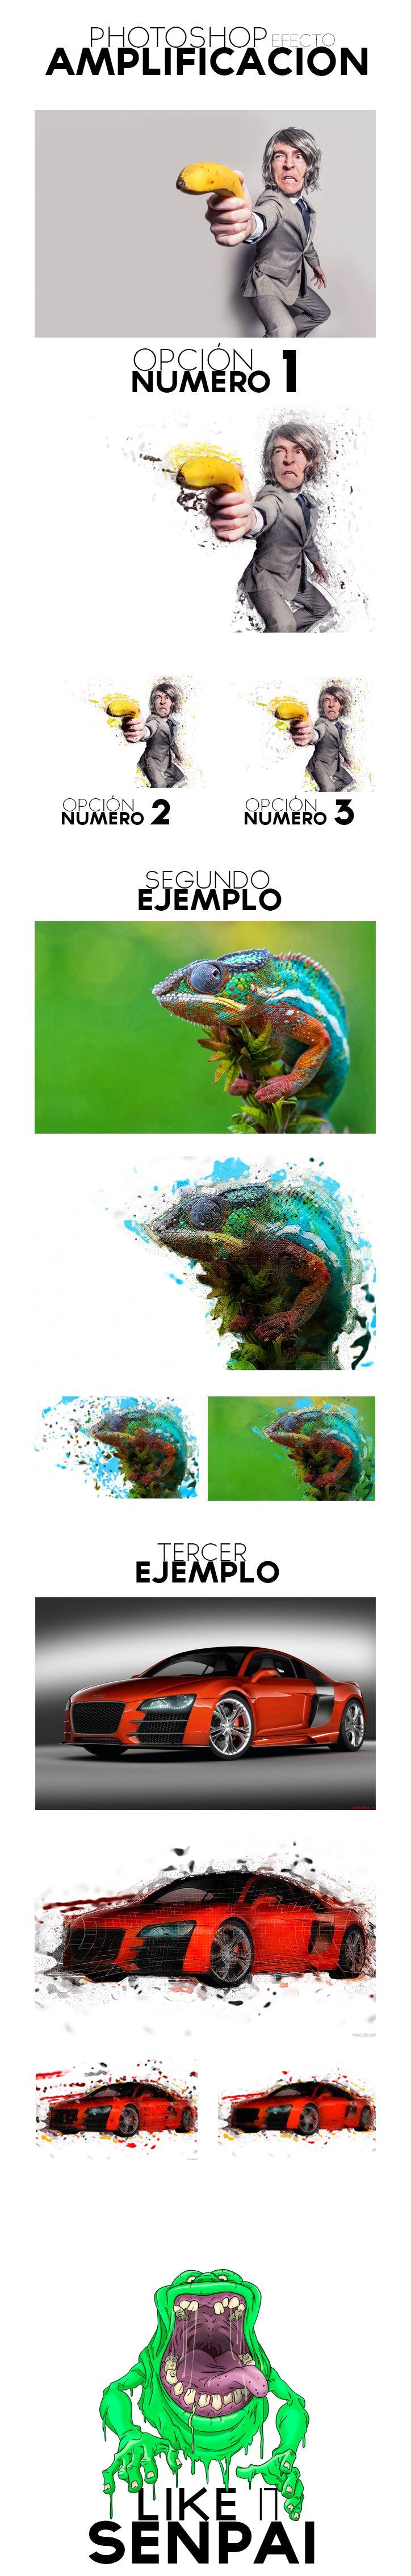 Photoshop efecto Amplificacion